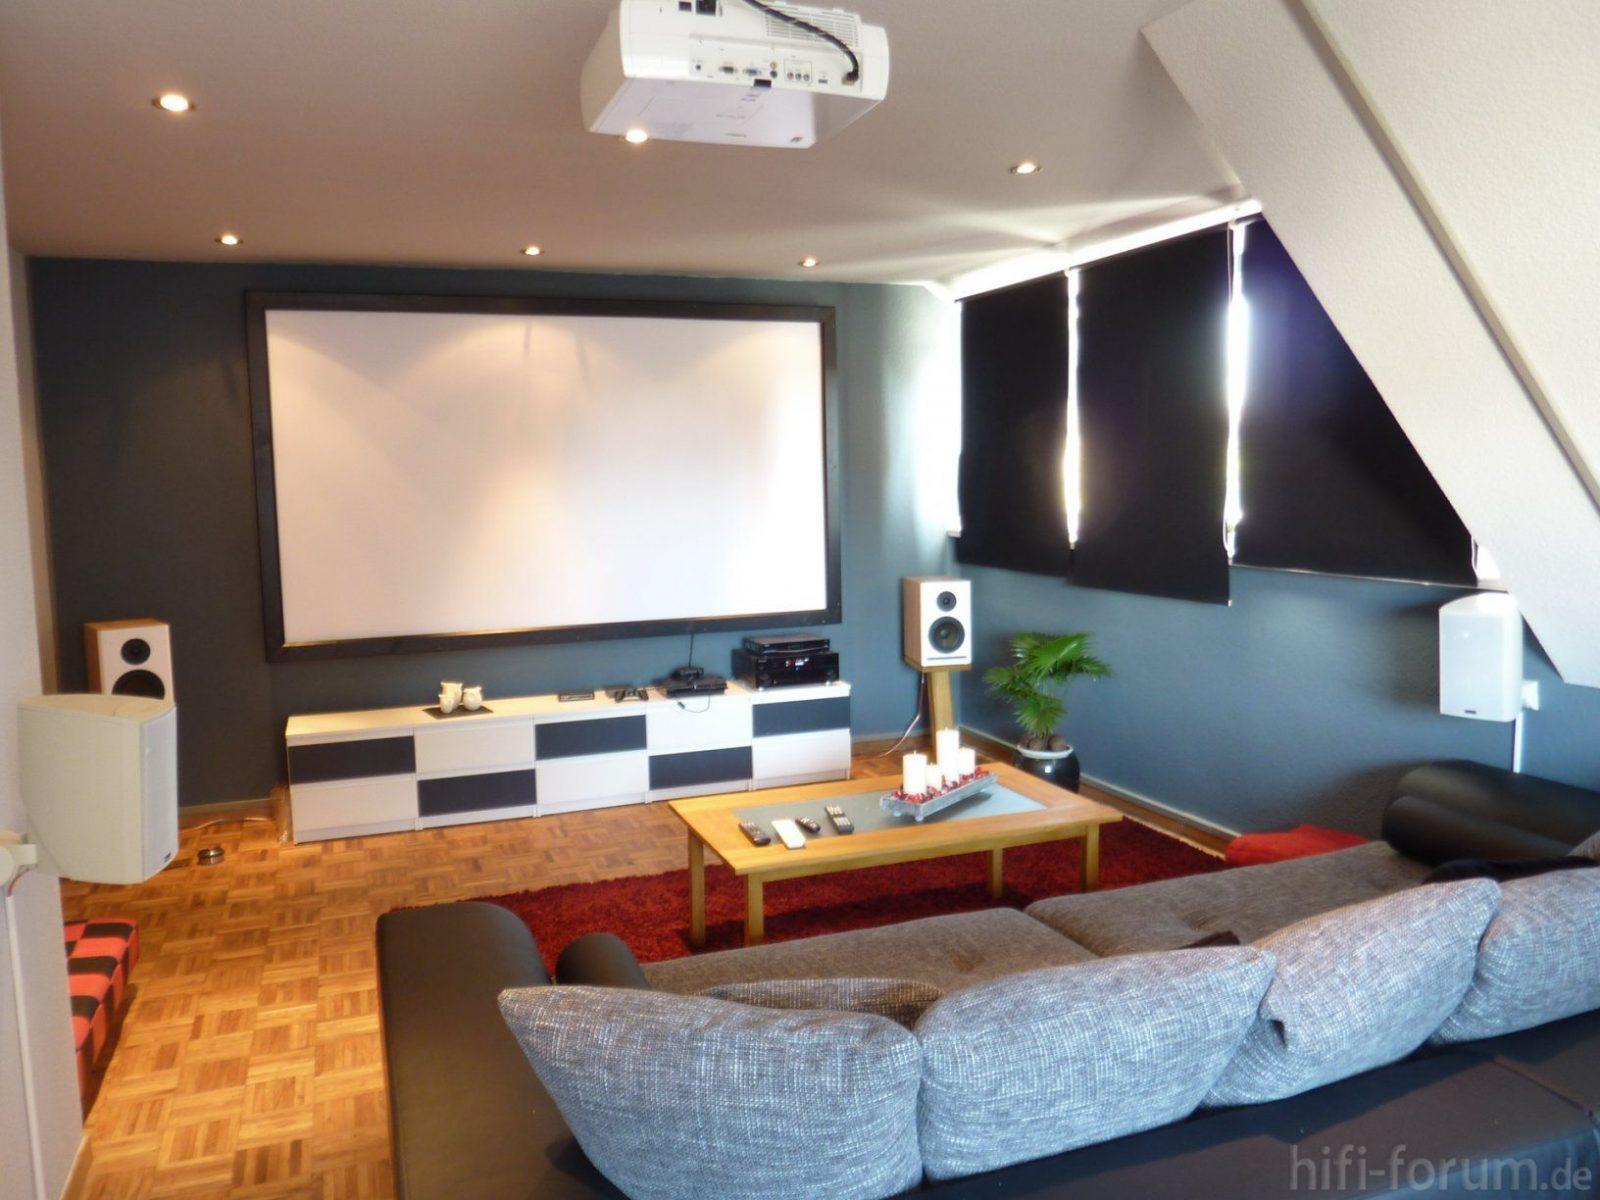 Faszinierend Wohnzimmer Neu Gestalten Tipps Komplett Farblich Von